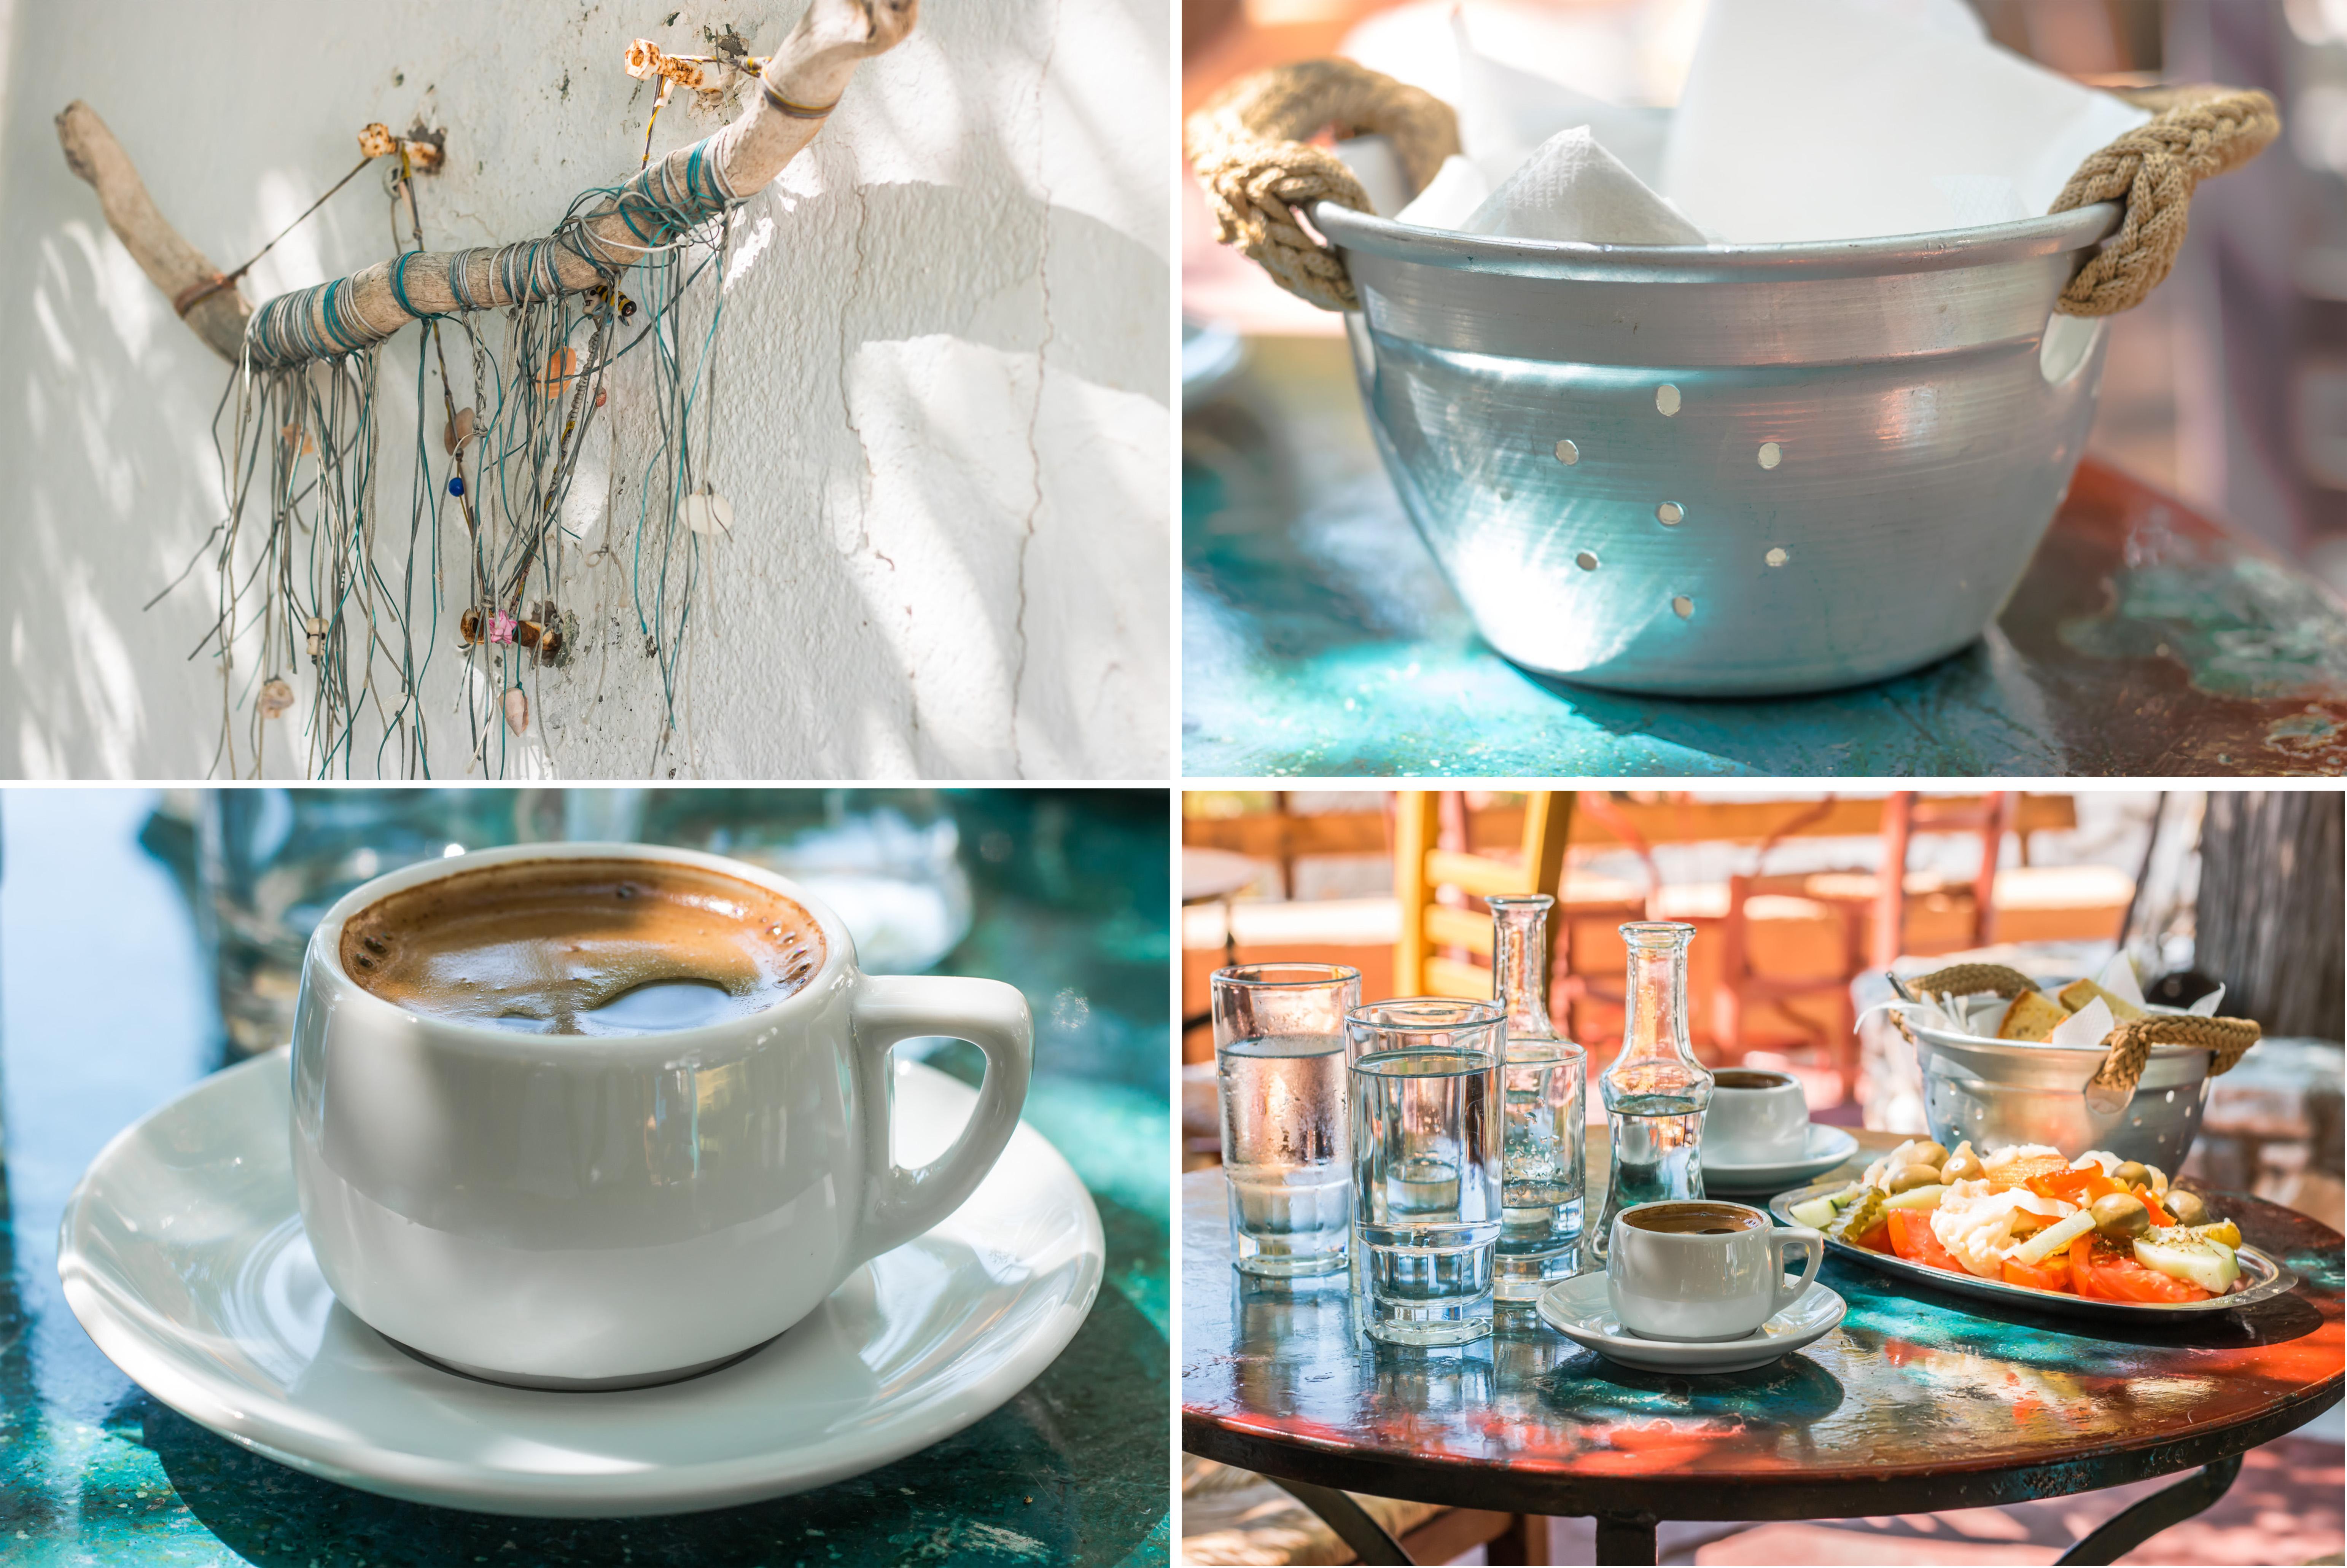 Gemeimtipp - das Kafepantopolio in Magganitis - Kaffee und Mezedes - ein Traum